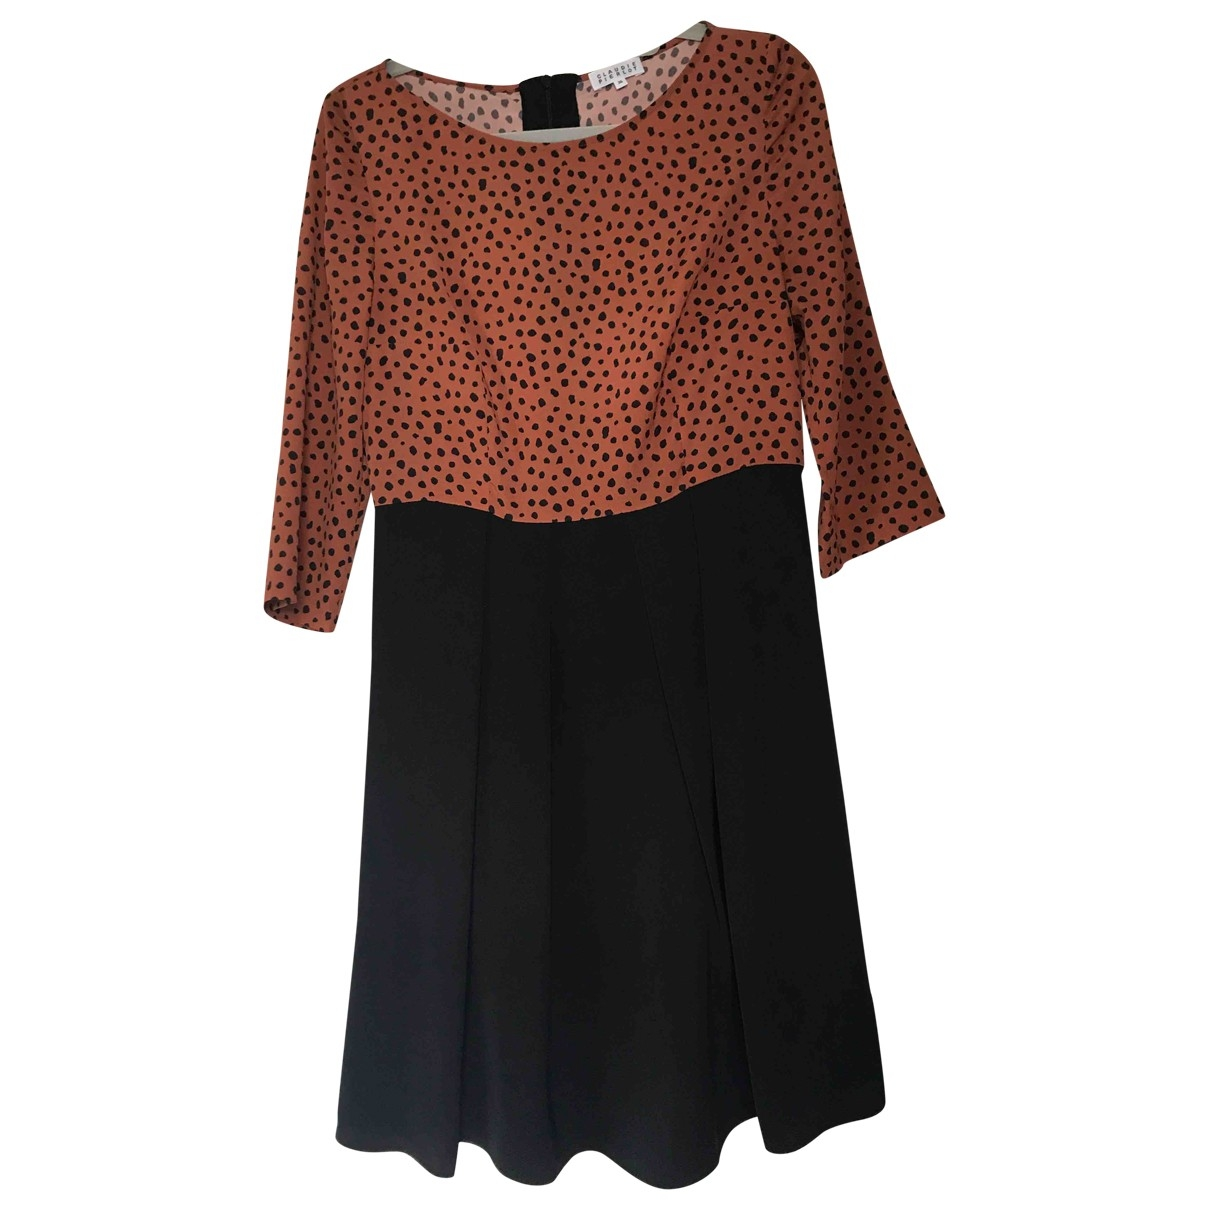 Claudie Pierlot \N Kleid in  Bunt Polyester